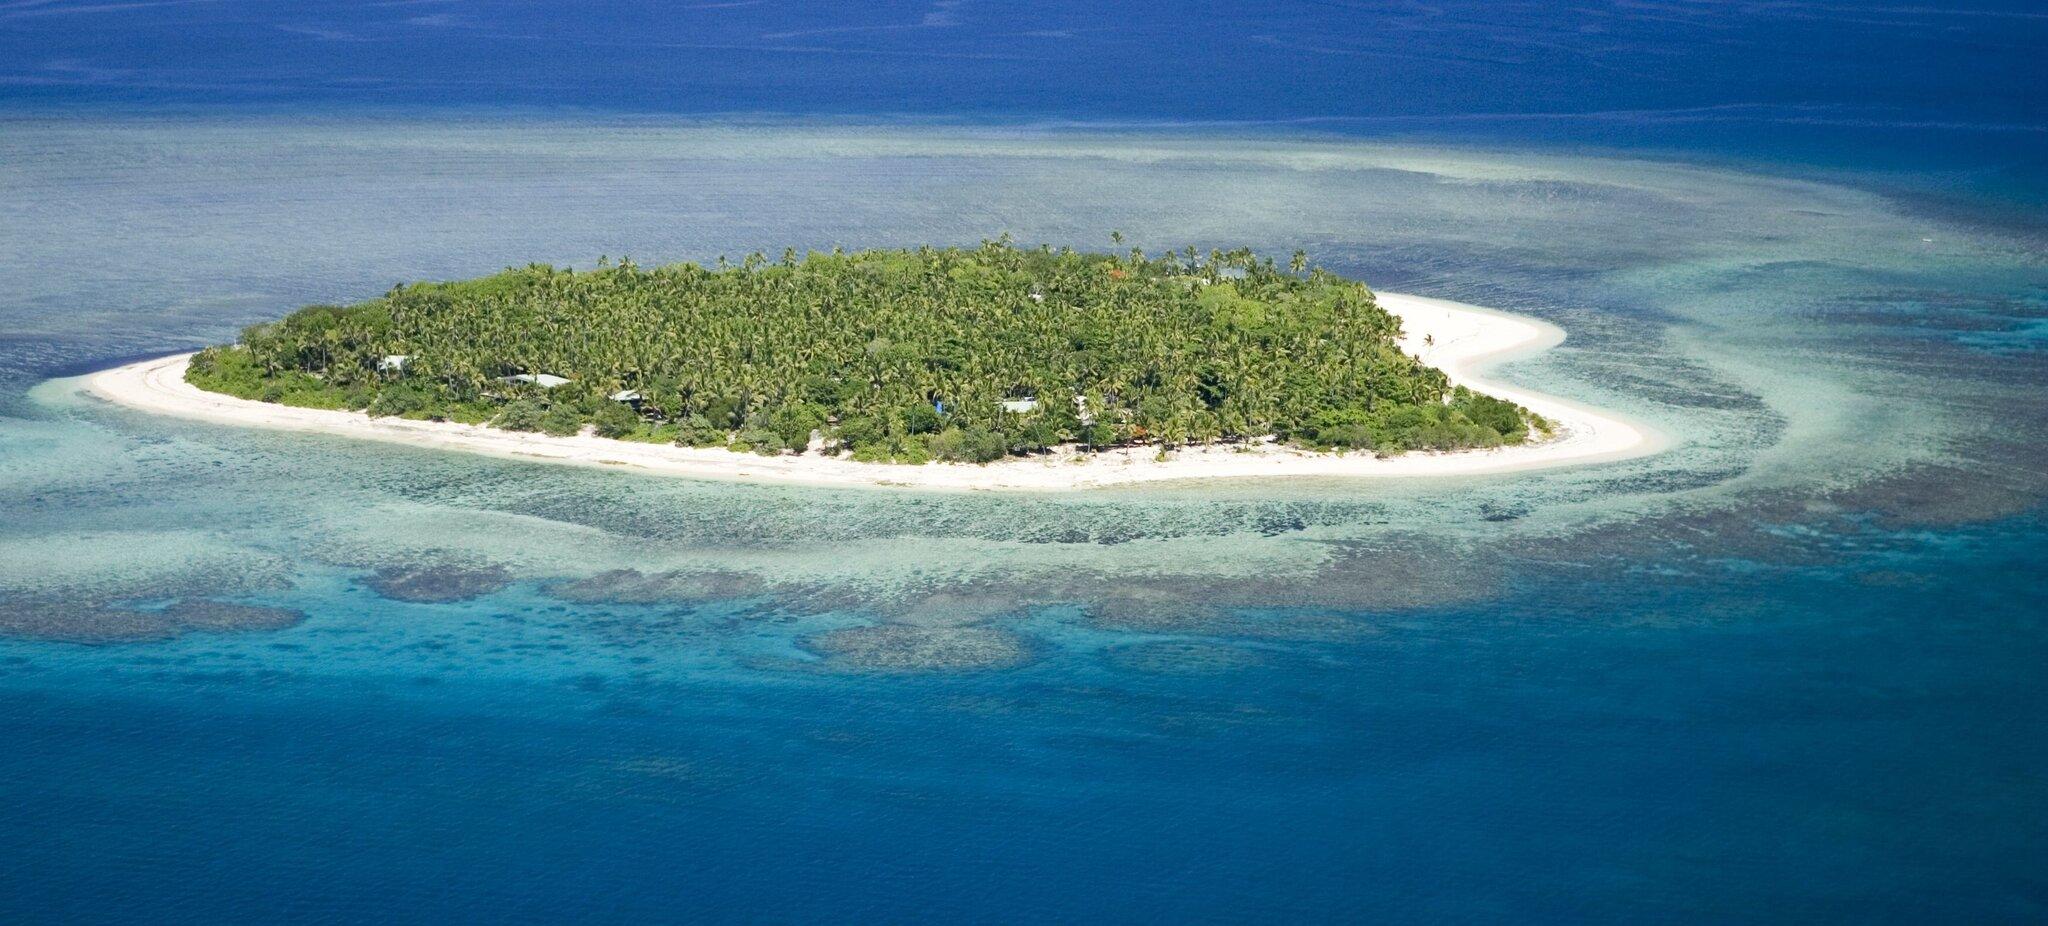 Porośnięta zielonymi zaroślami idrzewami wyspa otoczona ze wszystkich stron niebieską wodą. Pomiędzy zaroślami, awodą jest jasnożółta, prawie biała plaża.